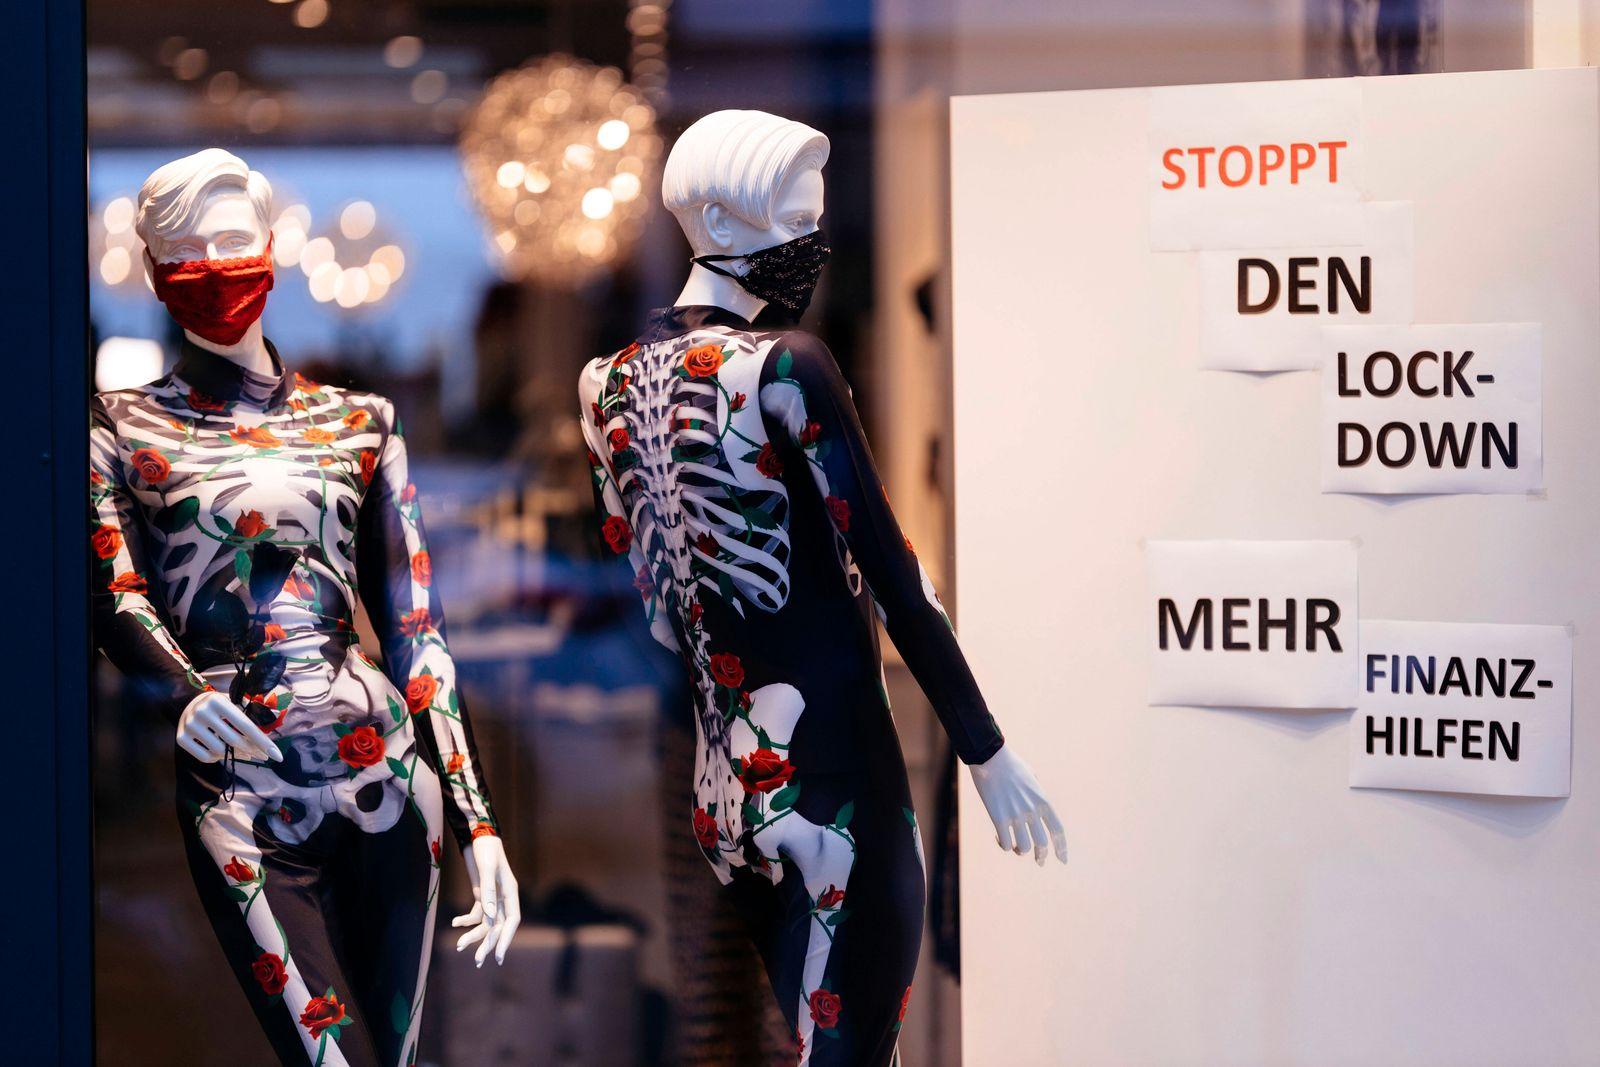 Einzelhändler auf der exklusiven Kölner Mittelstraße haben aus Protest gegen die Corona-Maßnahmen des Bundes, die sie z